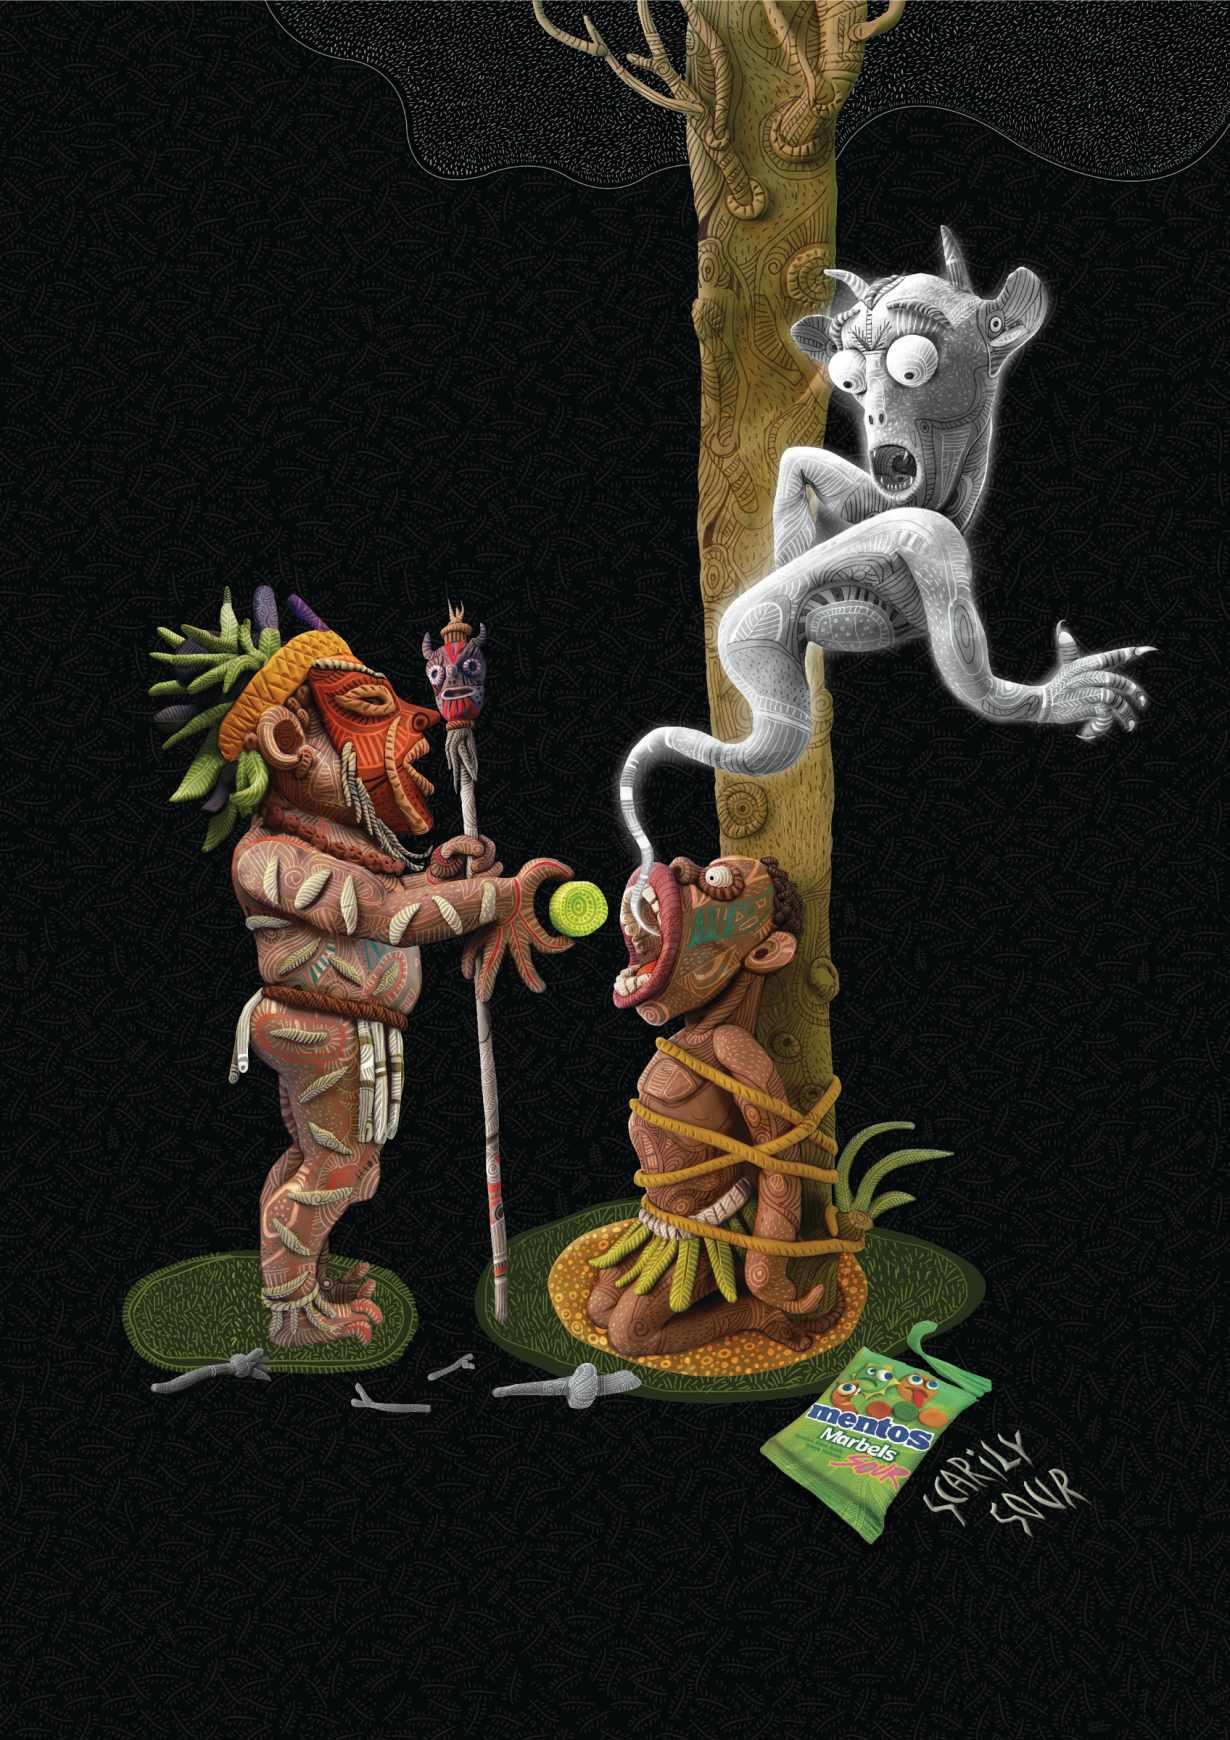 dans-ta-pub-publicite-compilation-creativite-affiche-116-5